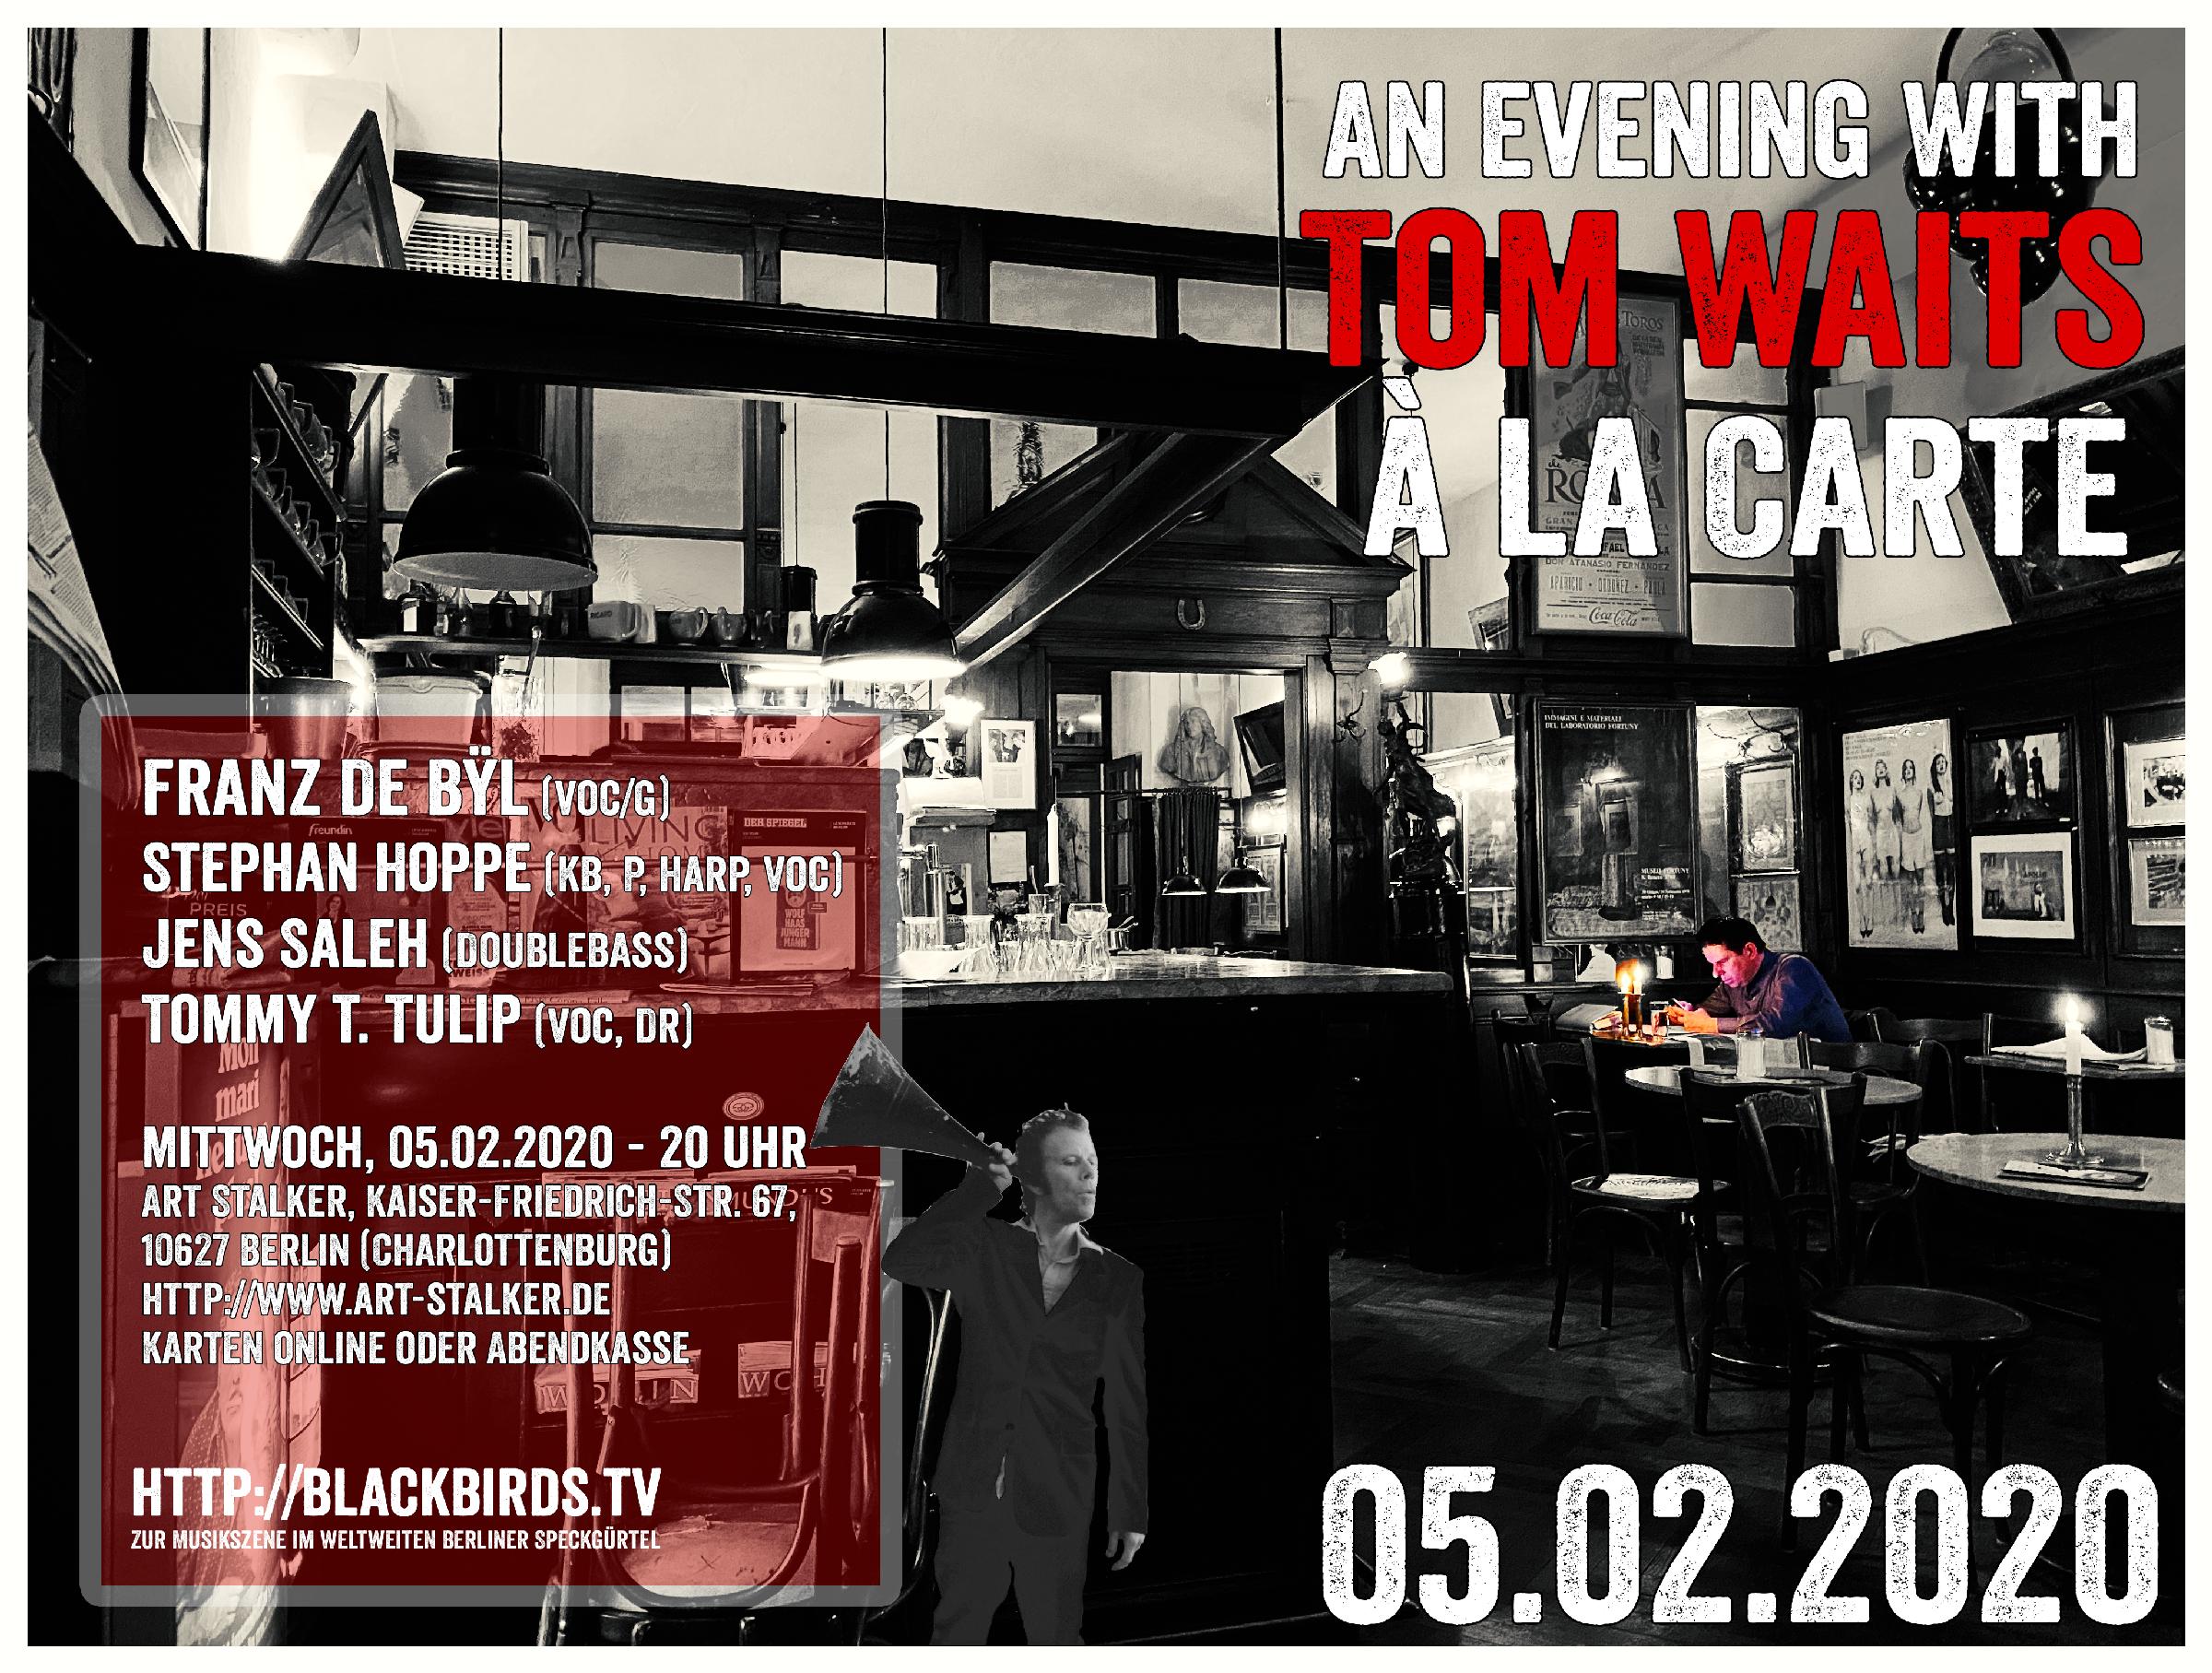 Tom Waits à la Carte - 05.02.2020 #Veranstaltung #LiveMusik #ArtStalkerBerlin (Für größere Ansicht aufs Bild klicken!)